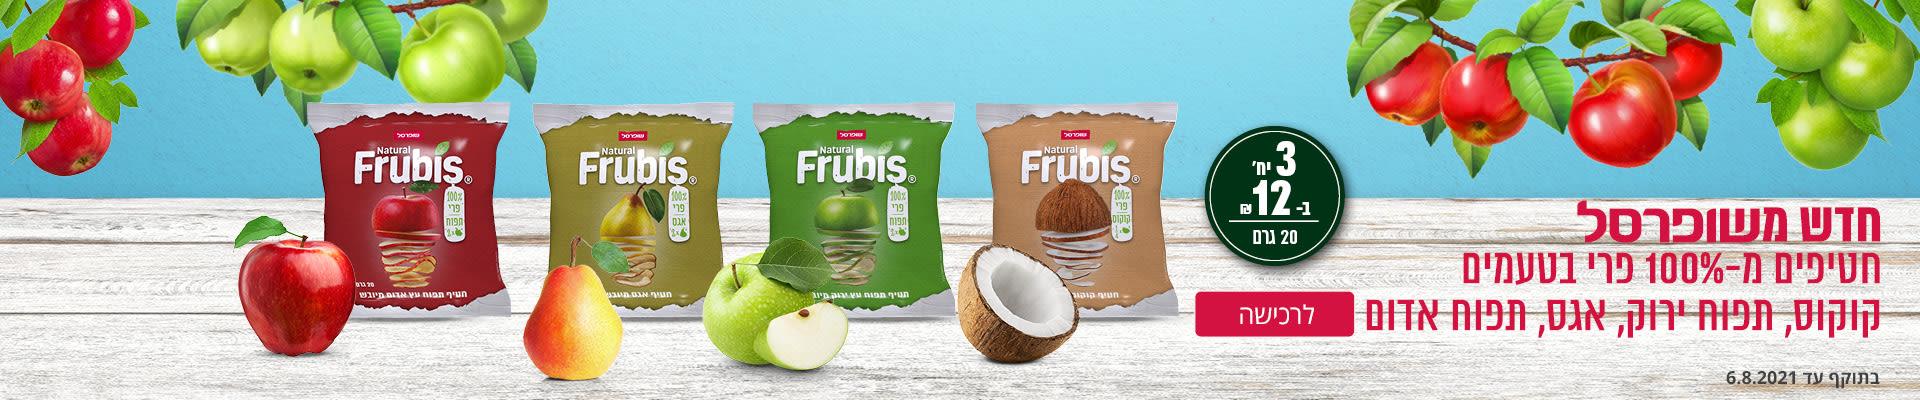 חדש משופרסל חטיפים מ- 100% פרי בטעמים קוקוס, תפוח ירוק, אגס, תפוח אדום 3 יח' ב-12 ₪ 20 גרם לרכישה בתוקף עד 6.8.2021